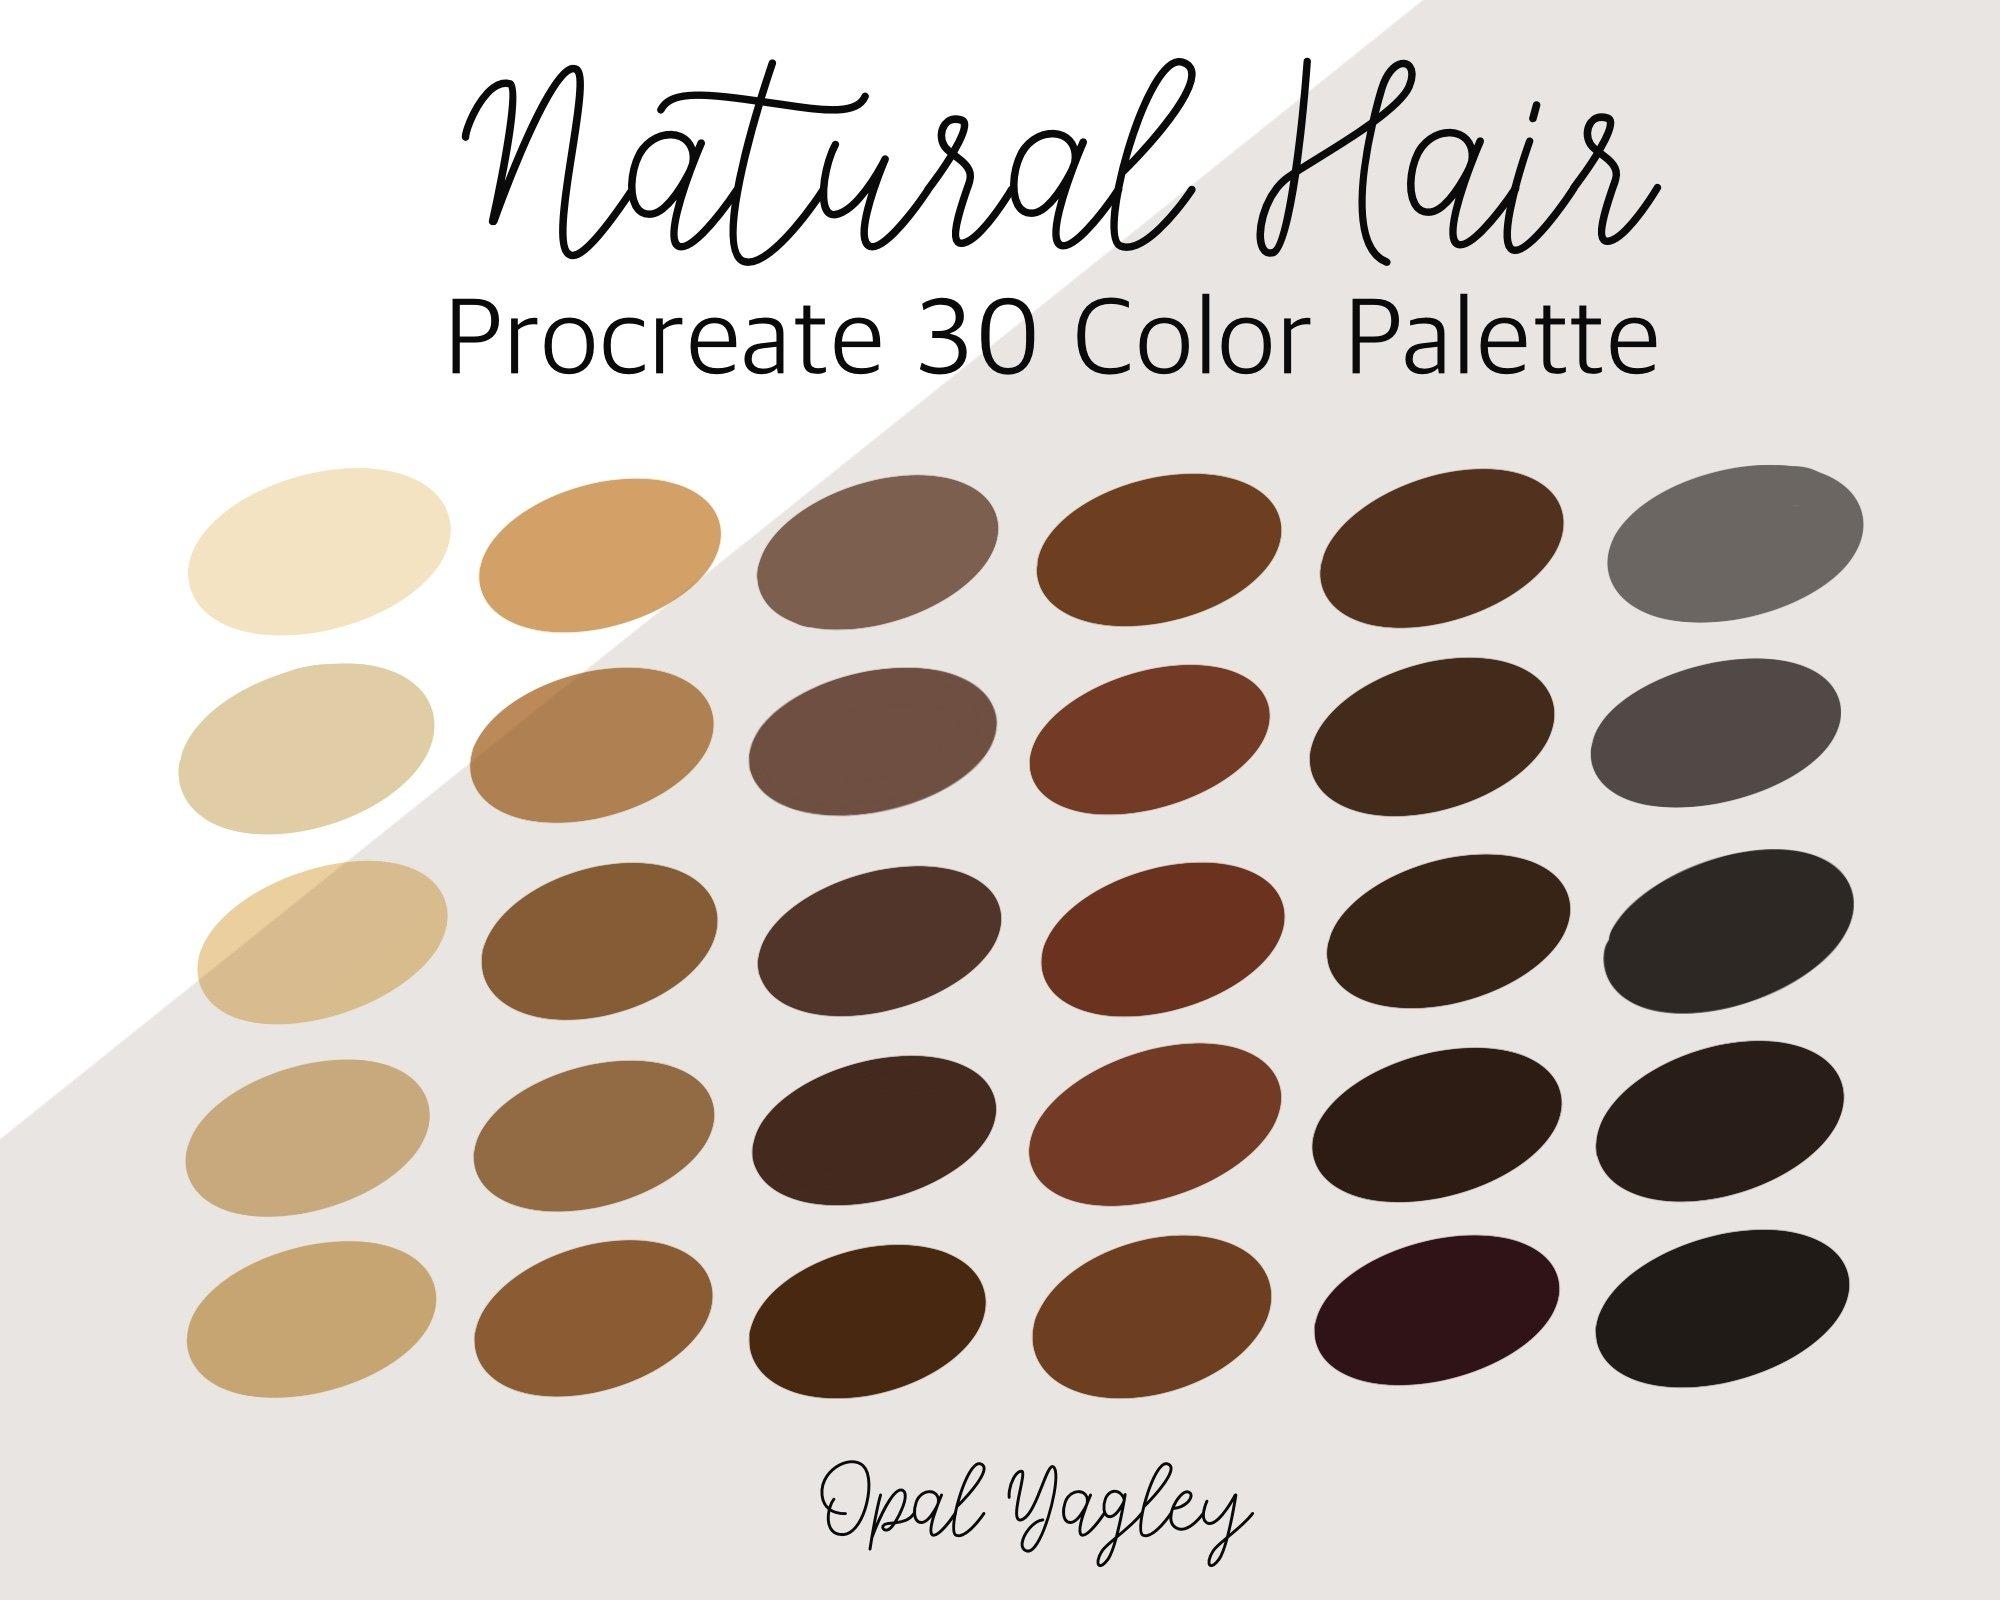 Natural Hair Procreate Color Palette 30 Colors 1110882 Procreate Design Bundles